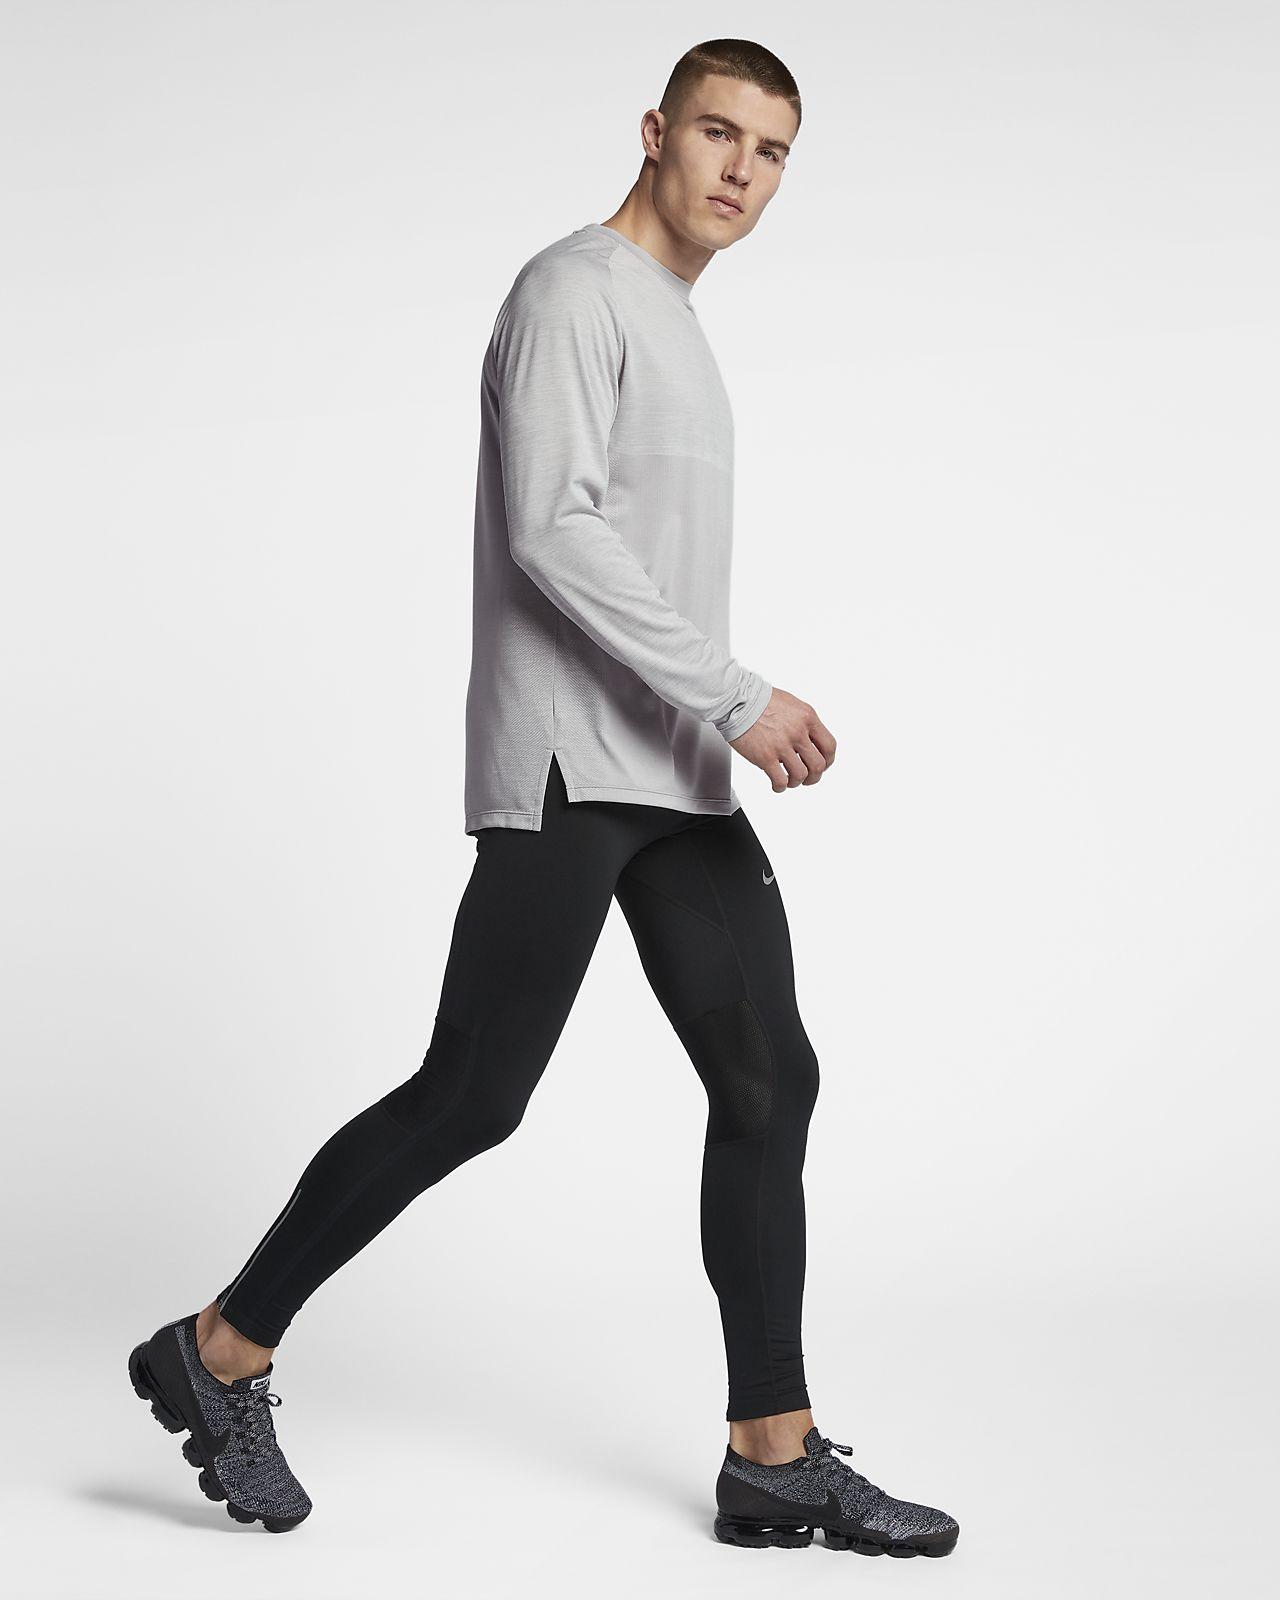 91393ee8 Nike Dri-FIT Medalist Men's Long-Sleeve Running Top. Nike.com AU